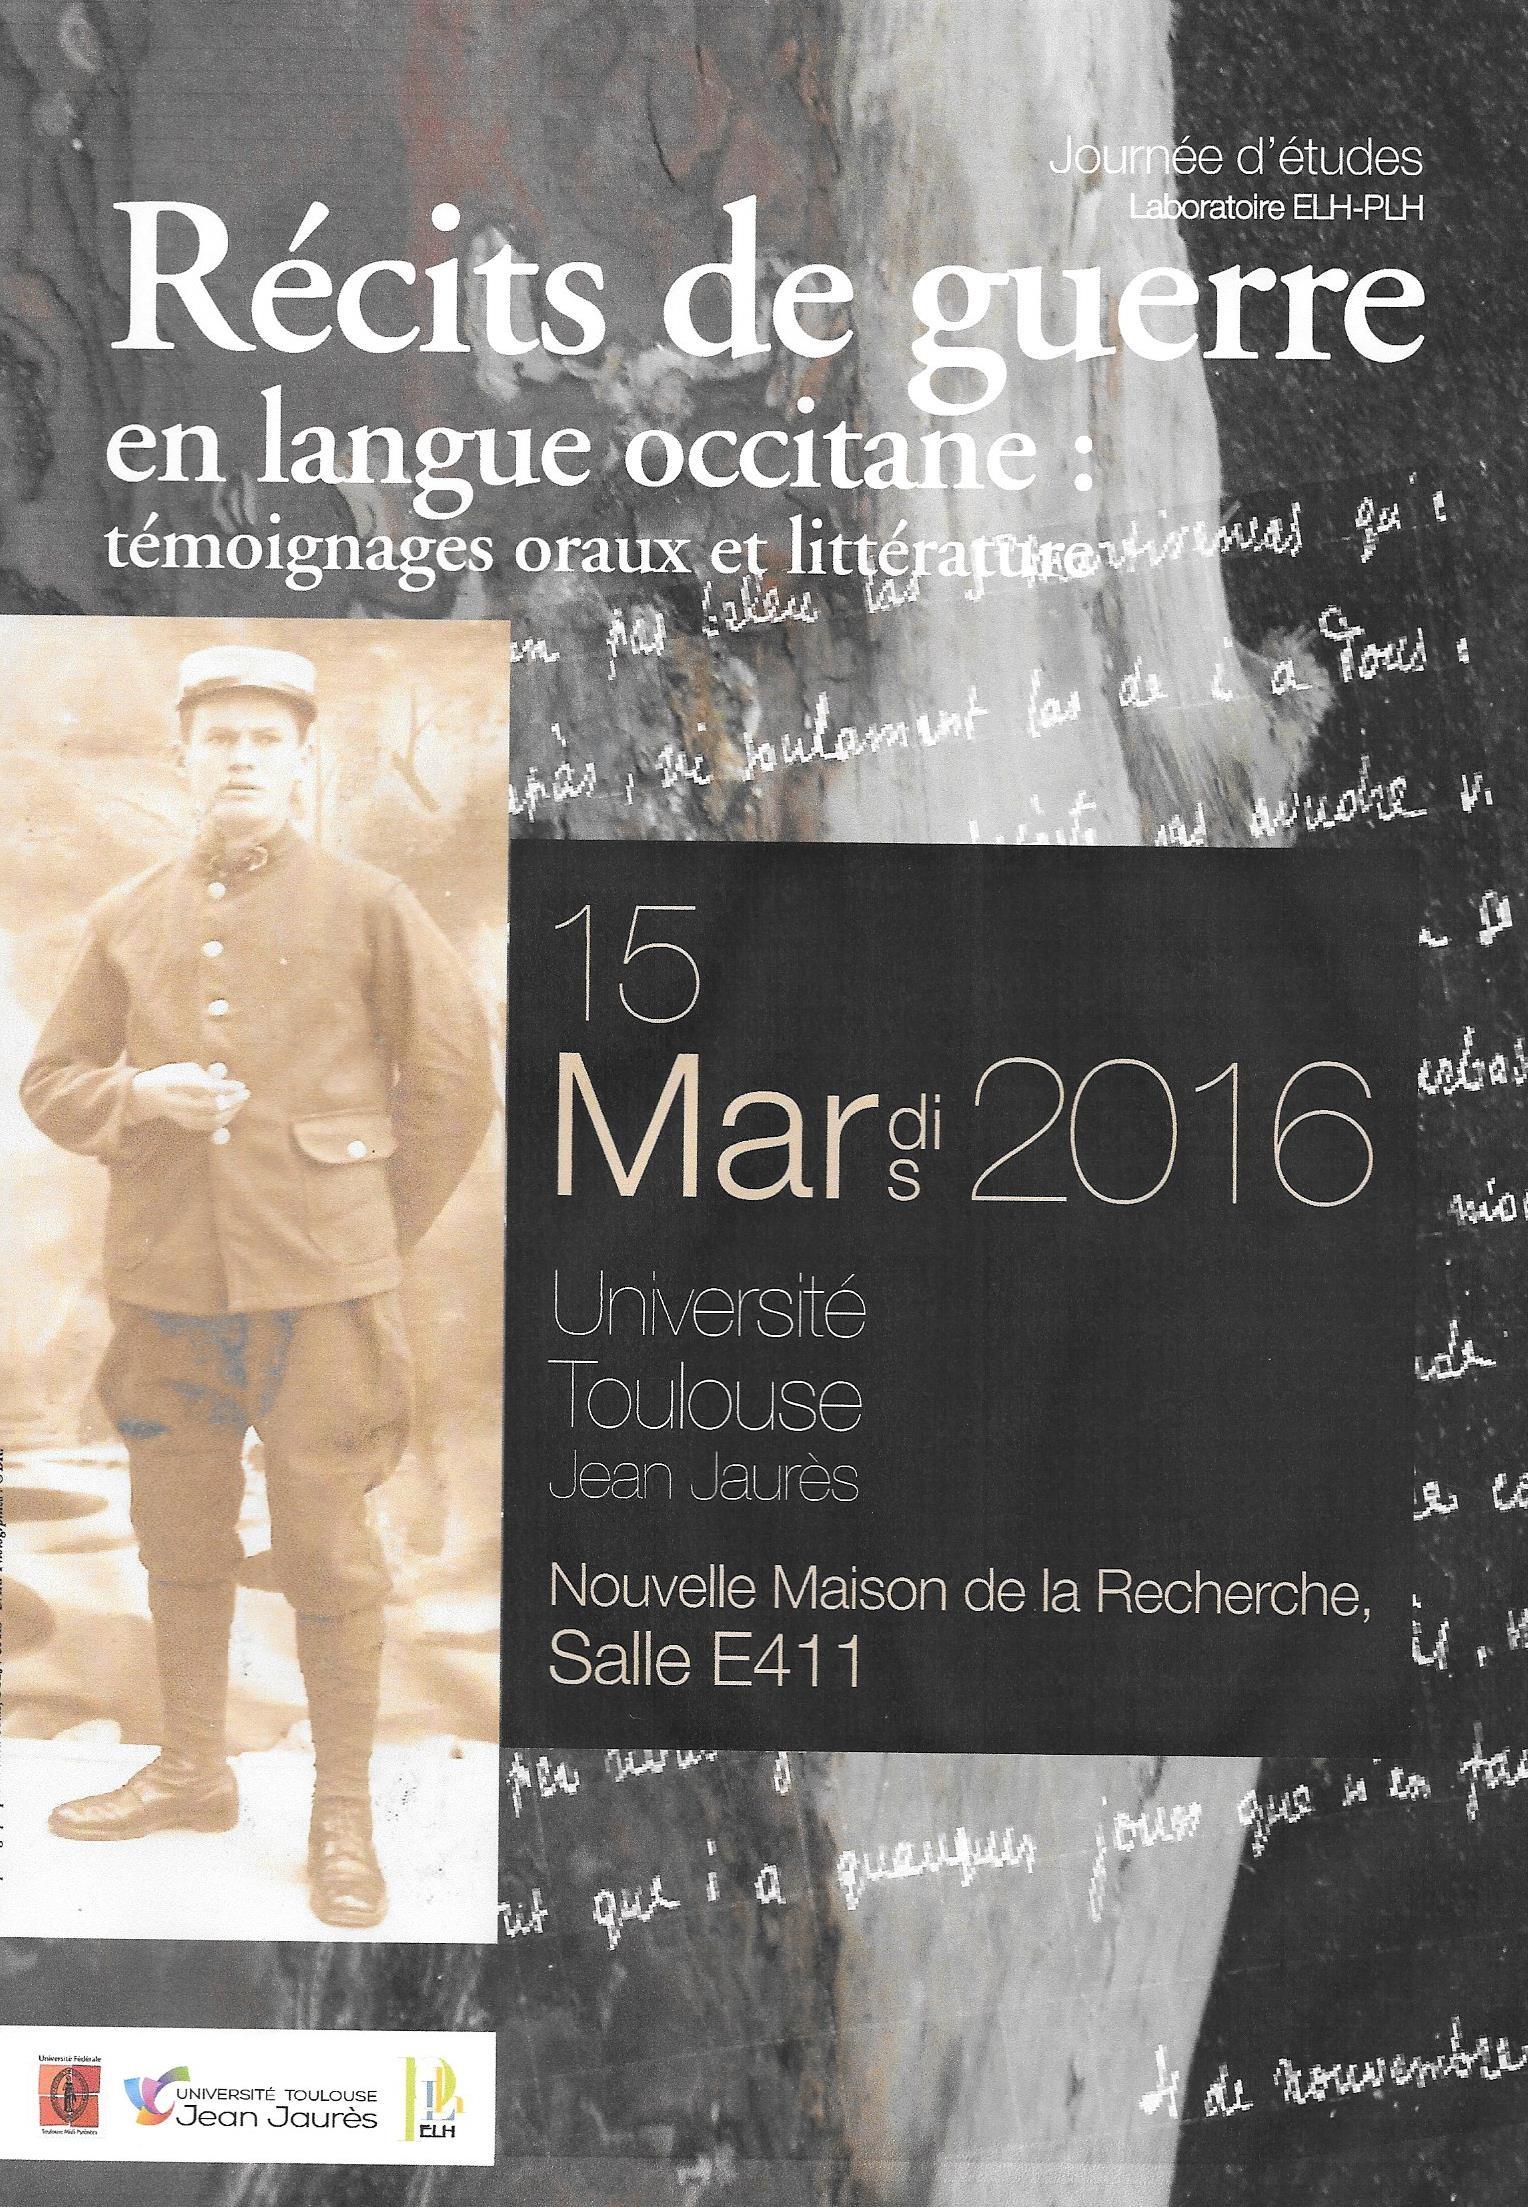 Affiche JE 15 mars UT2J.photo (1).jpg